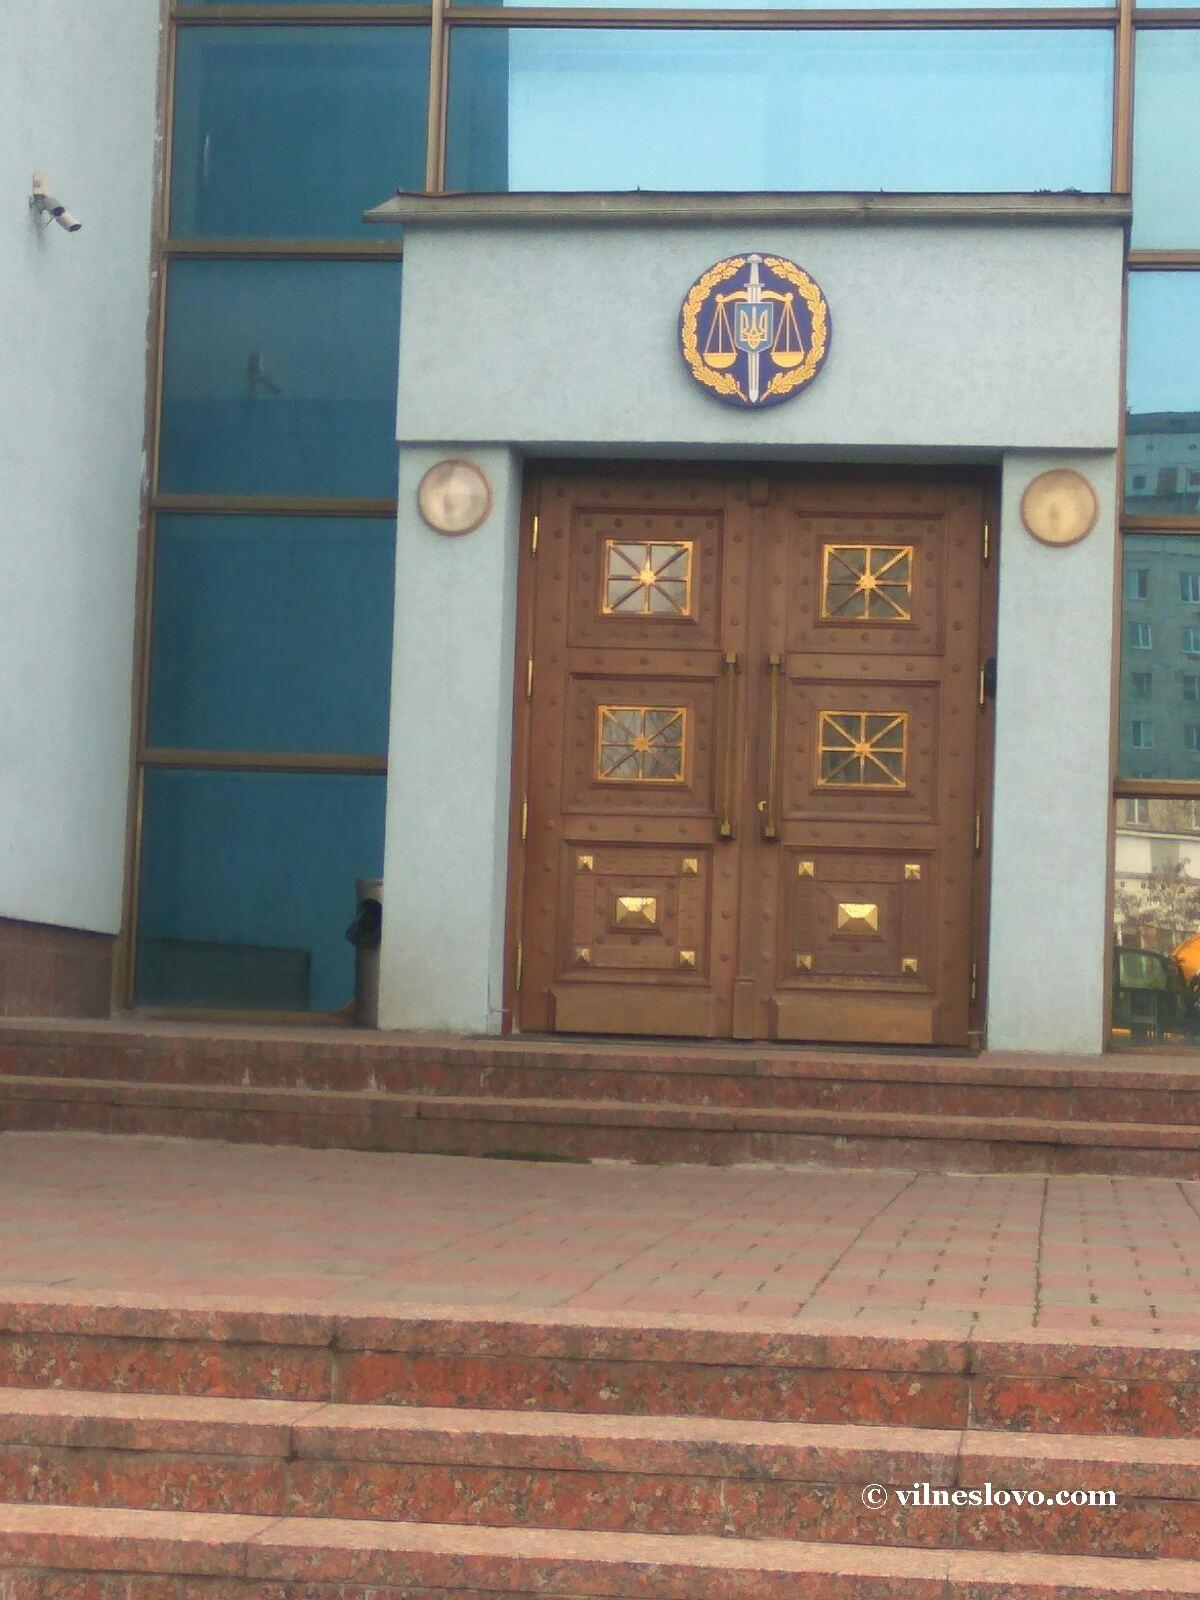 Прокуратура Оболонского района столицы: проблемы «маленьких людей» – не наши проблемы